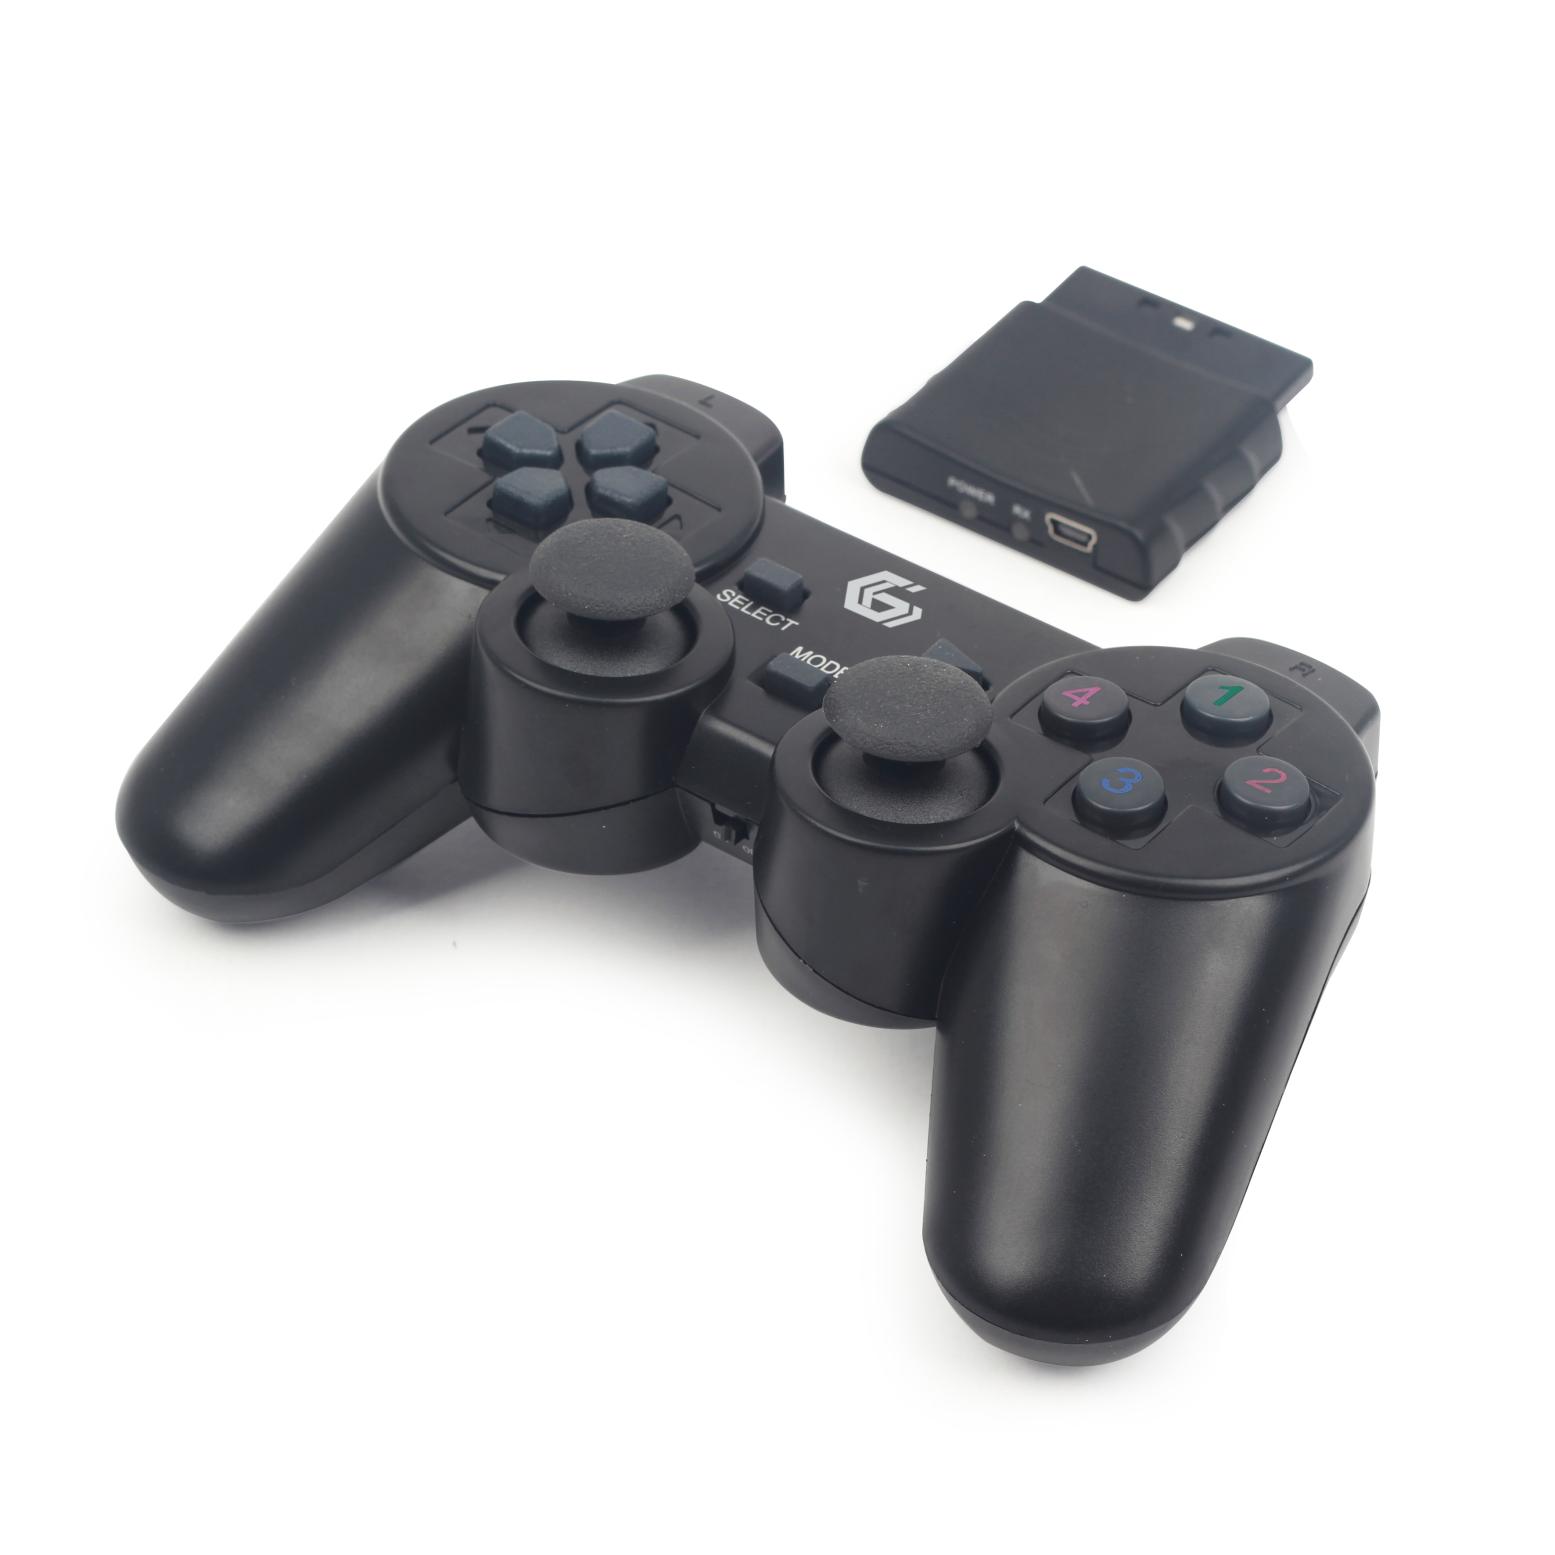 Gembird bezdrátový gamepad, PS2/PS3/PC JPD-WDV-01 duální vibrace